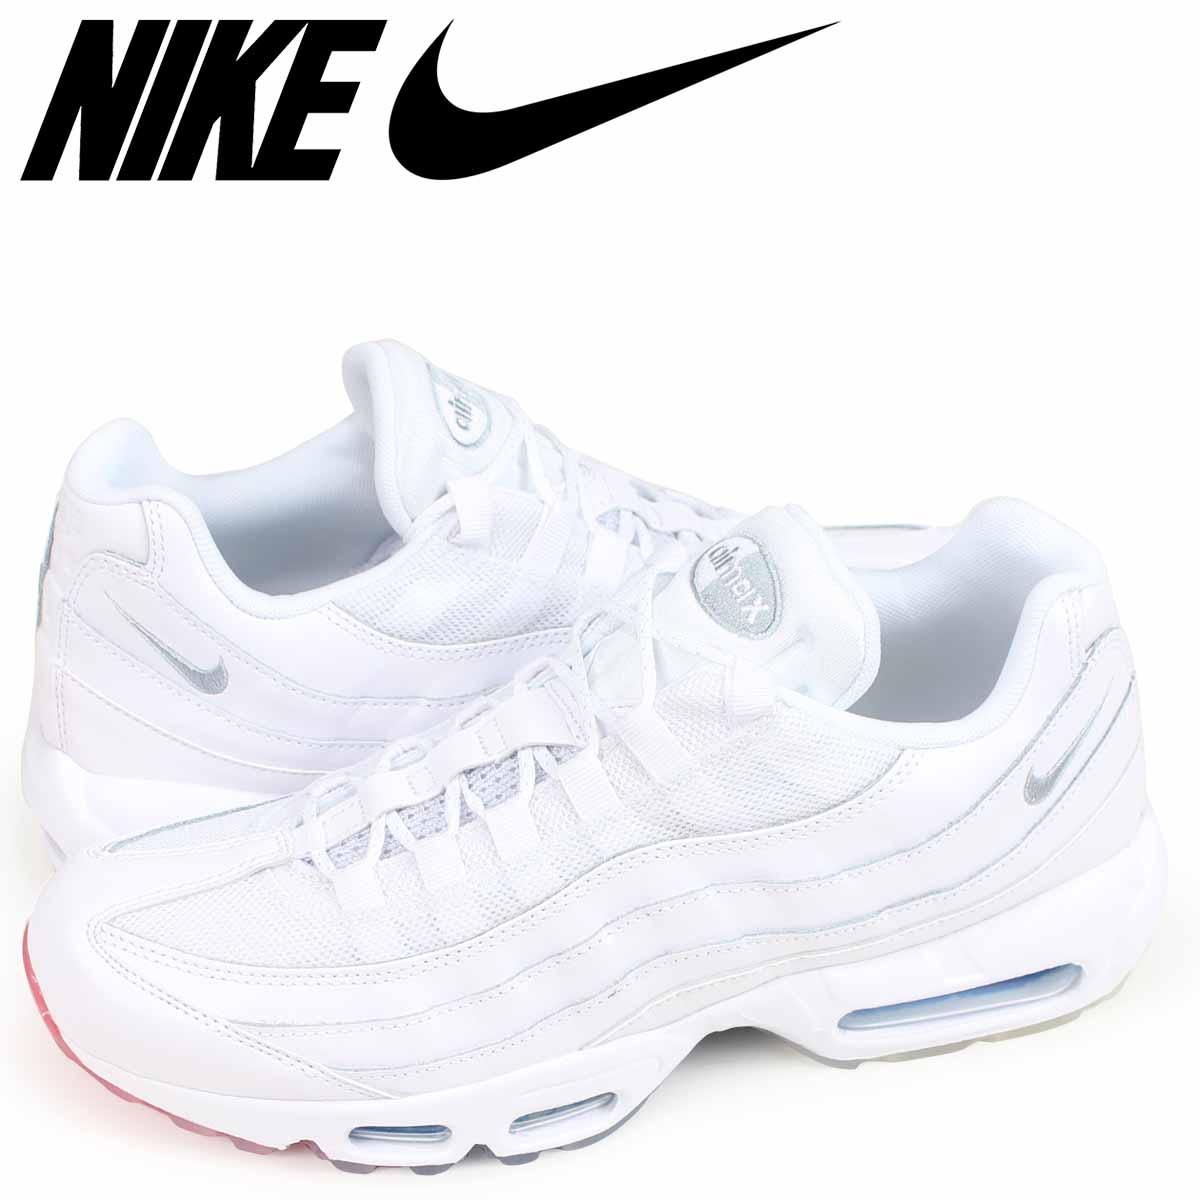 530e984112 NIKE Kie Ney AMAX 95 sneakers men AIR MAX 95 white white AQ7981-100 ...